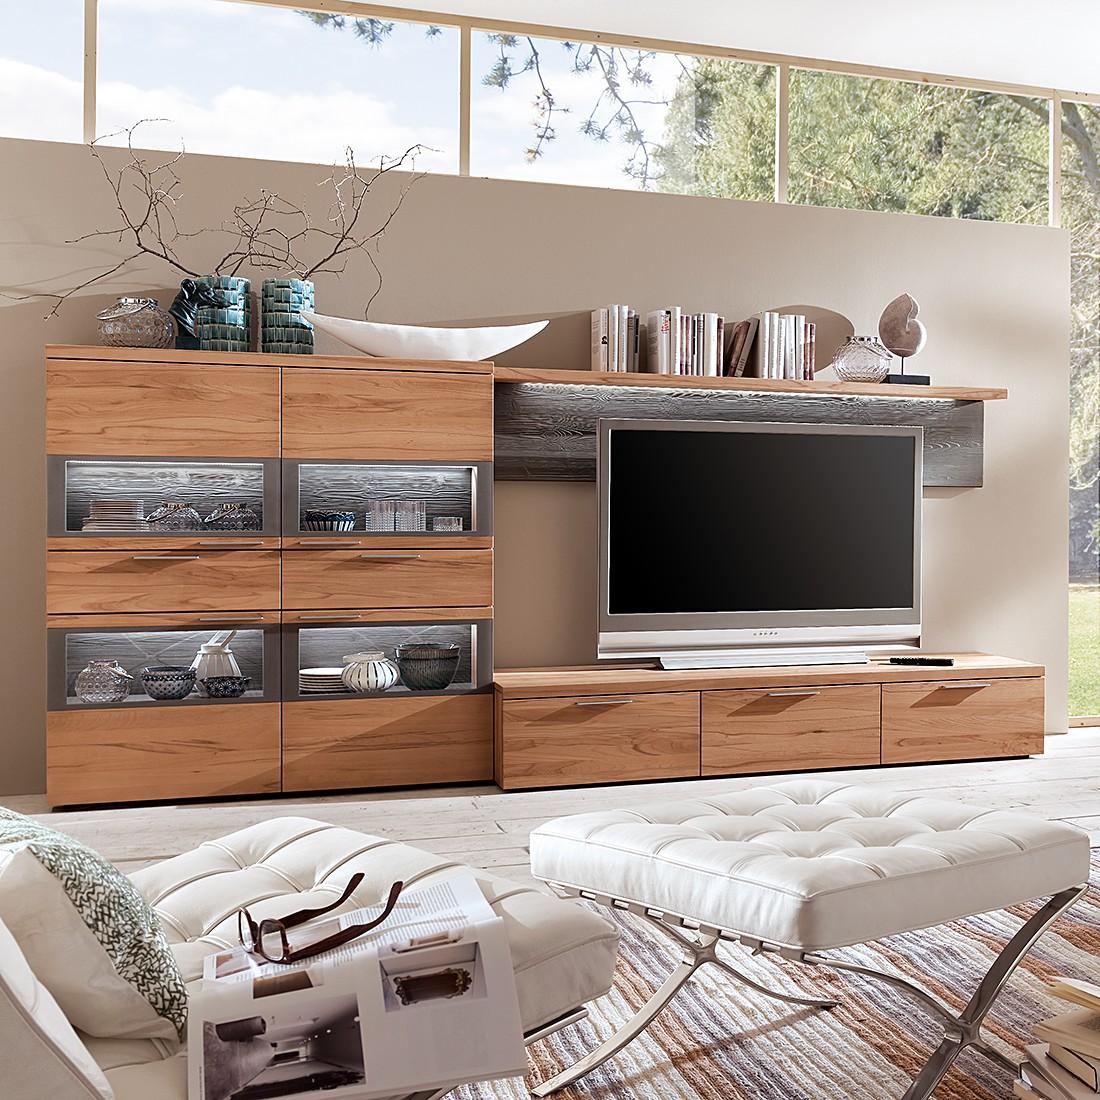 wohnwand pur 3 teilig kernbuche massiv ohne beleuchtung hartmann g nstig kaufen. Black Bedroom Furniture Sets. Home Design Ideas